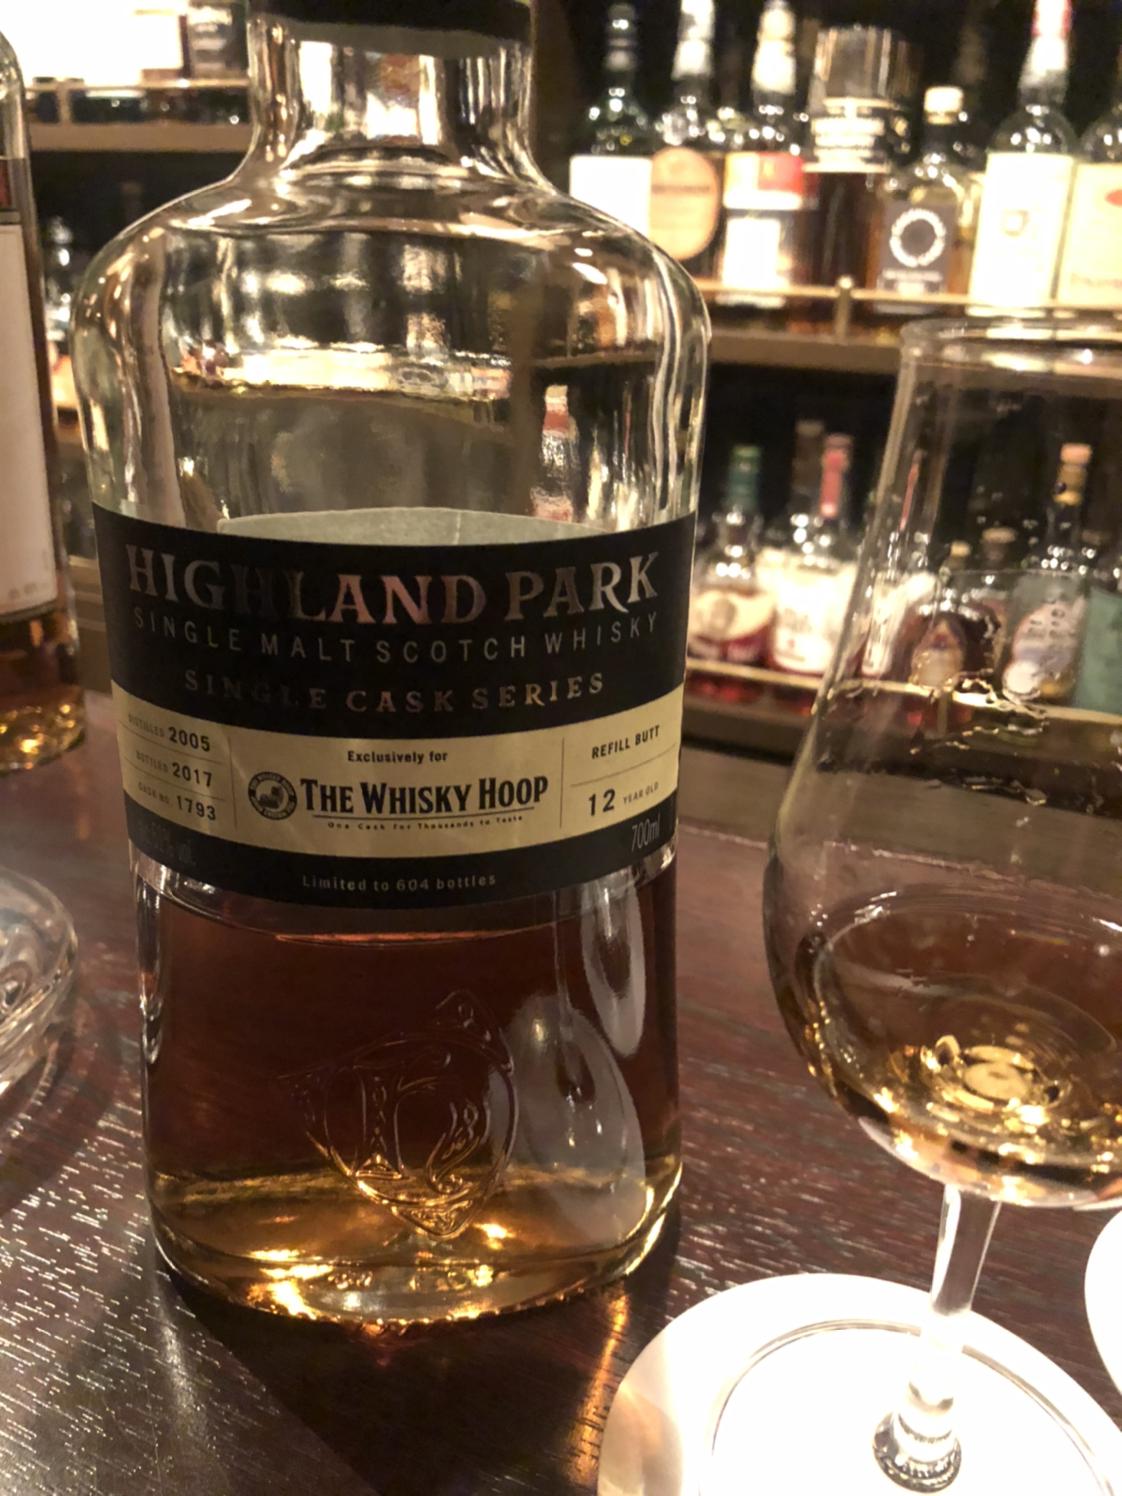 ハイランドパーク 12年 2005 OB ウイスキーフープ向け #1793 Highland ...